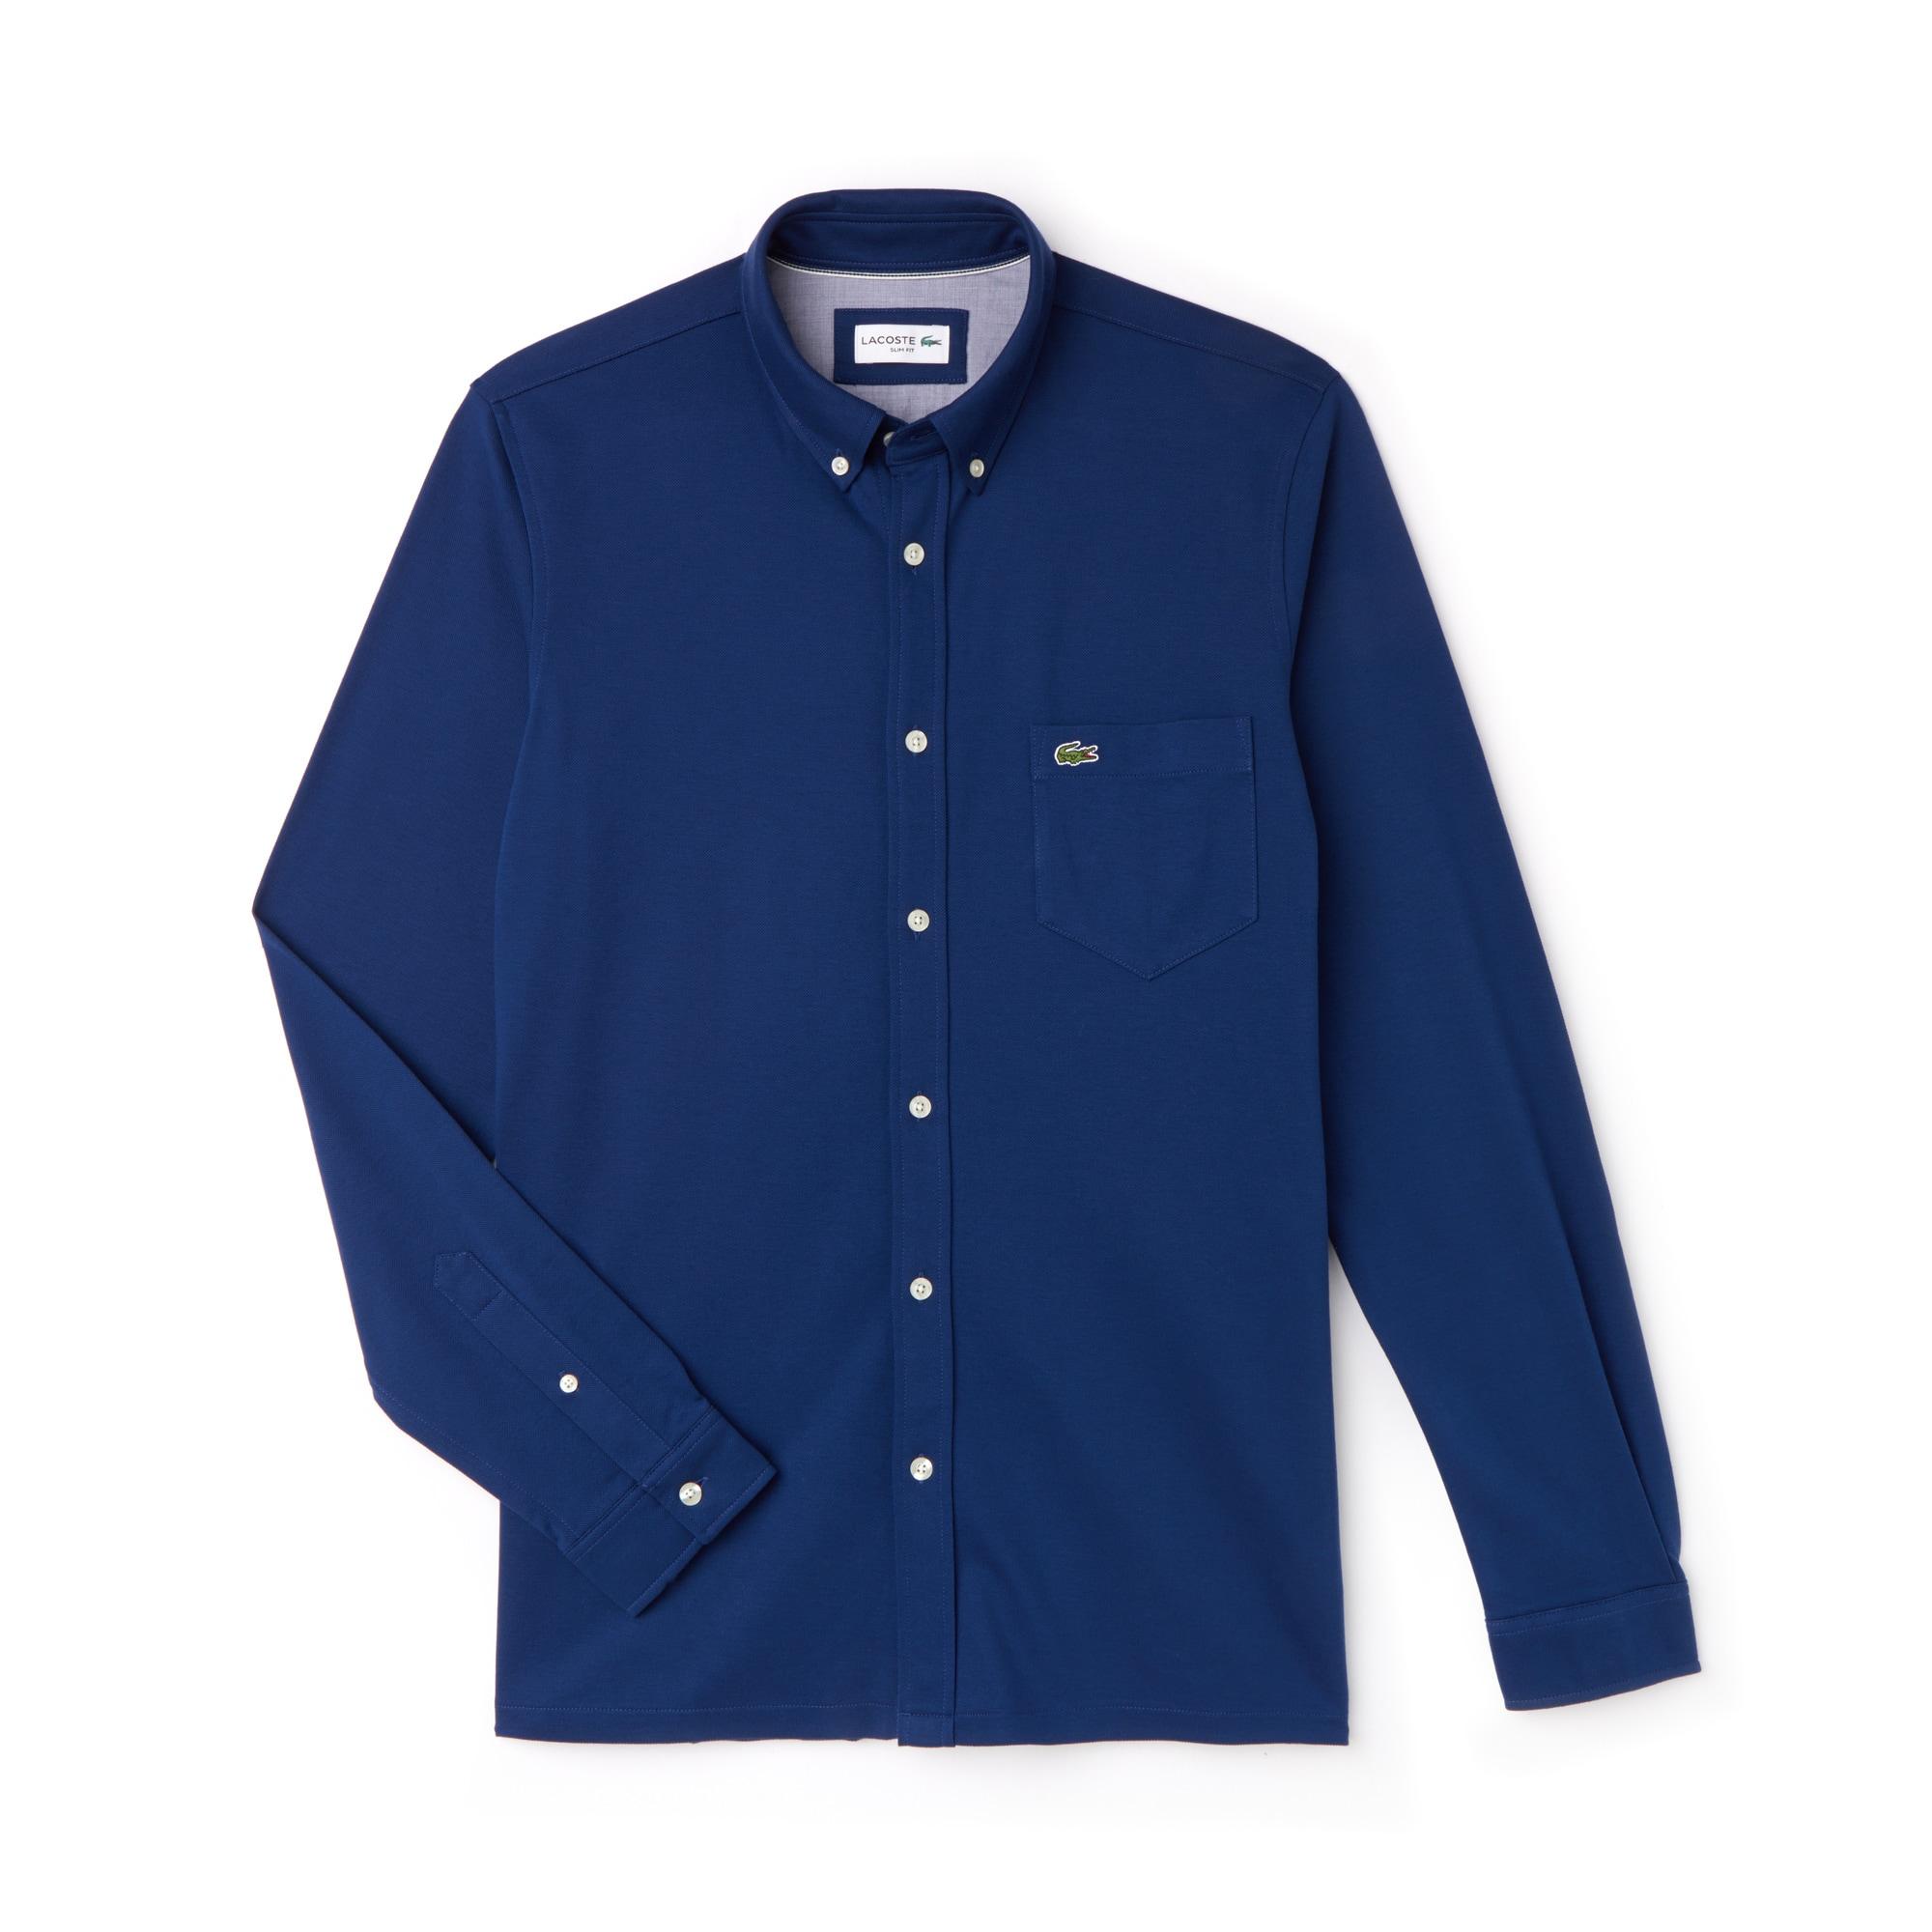 Slim Fit Herren-Hemd aus Baumwolljersey